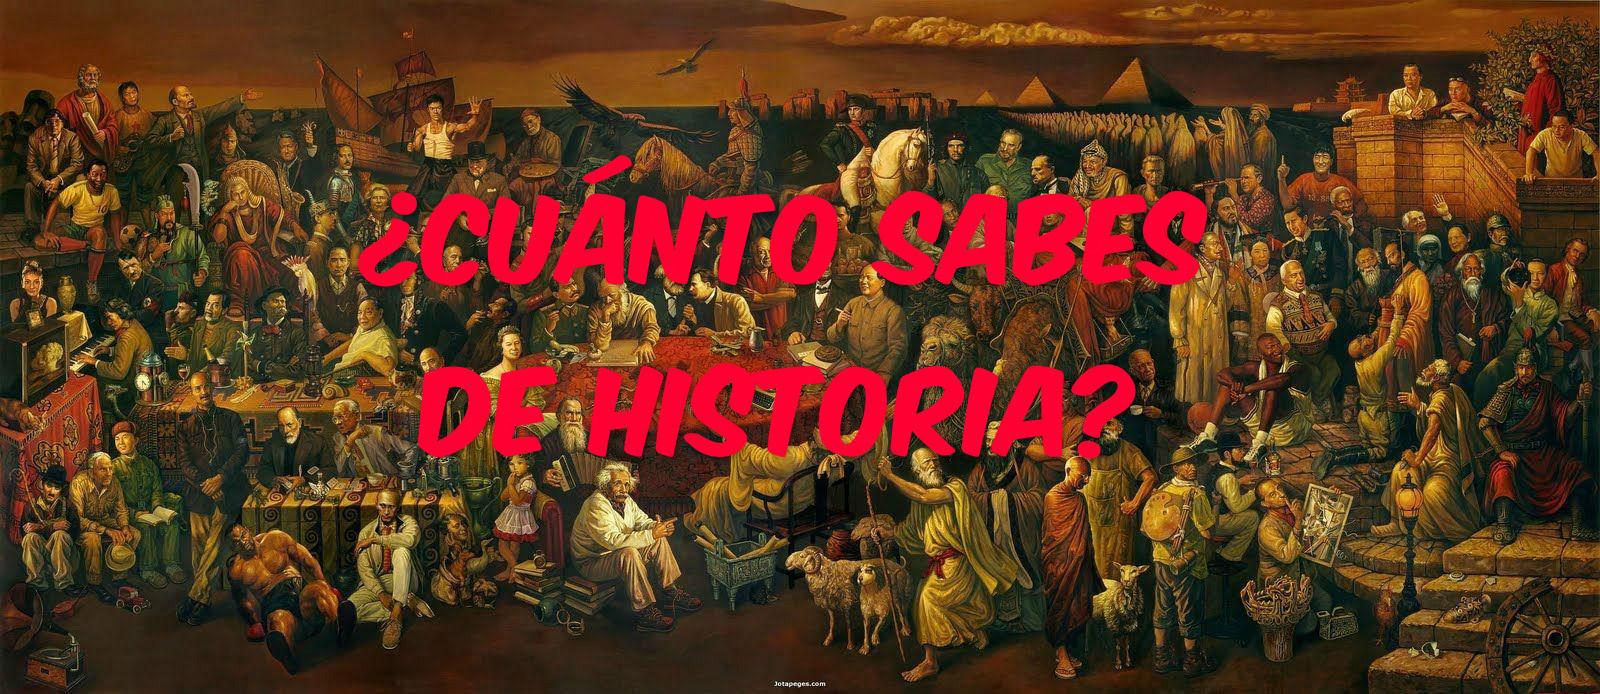 3309 - ¿Cuánto sabes de historia?